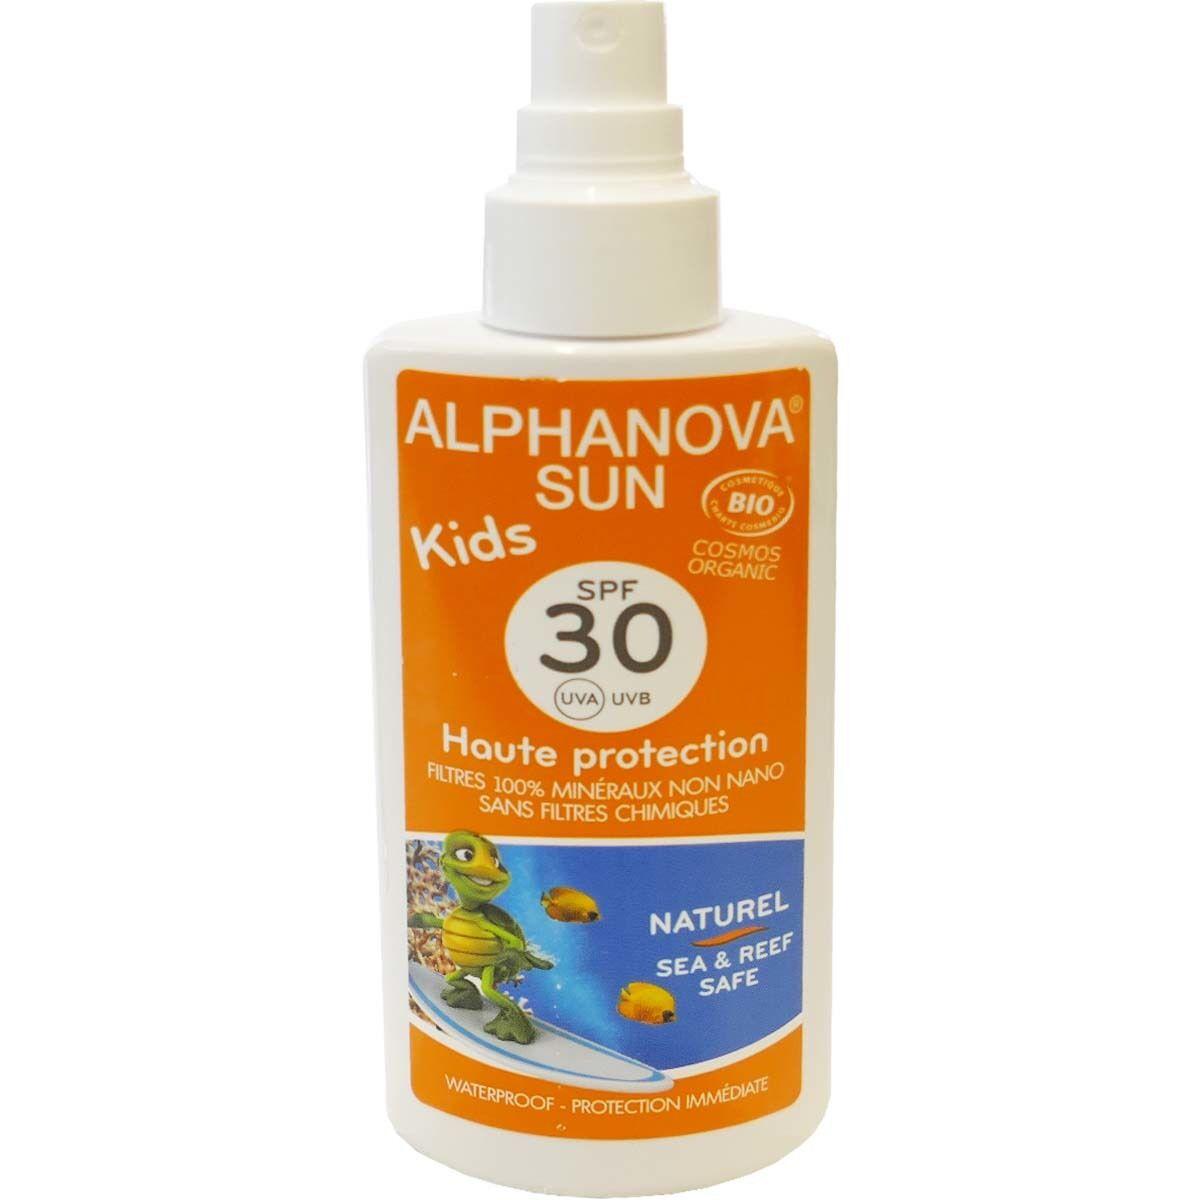 Alphanova sun kids spf 30 naturel bio